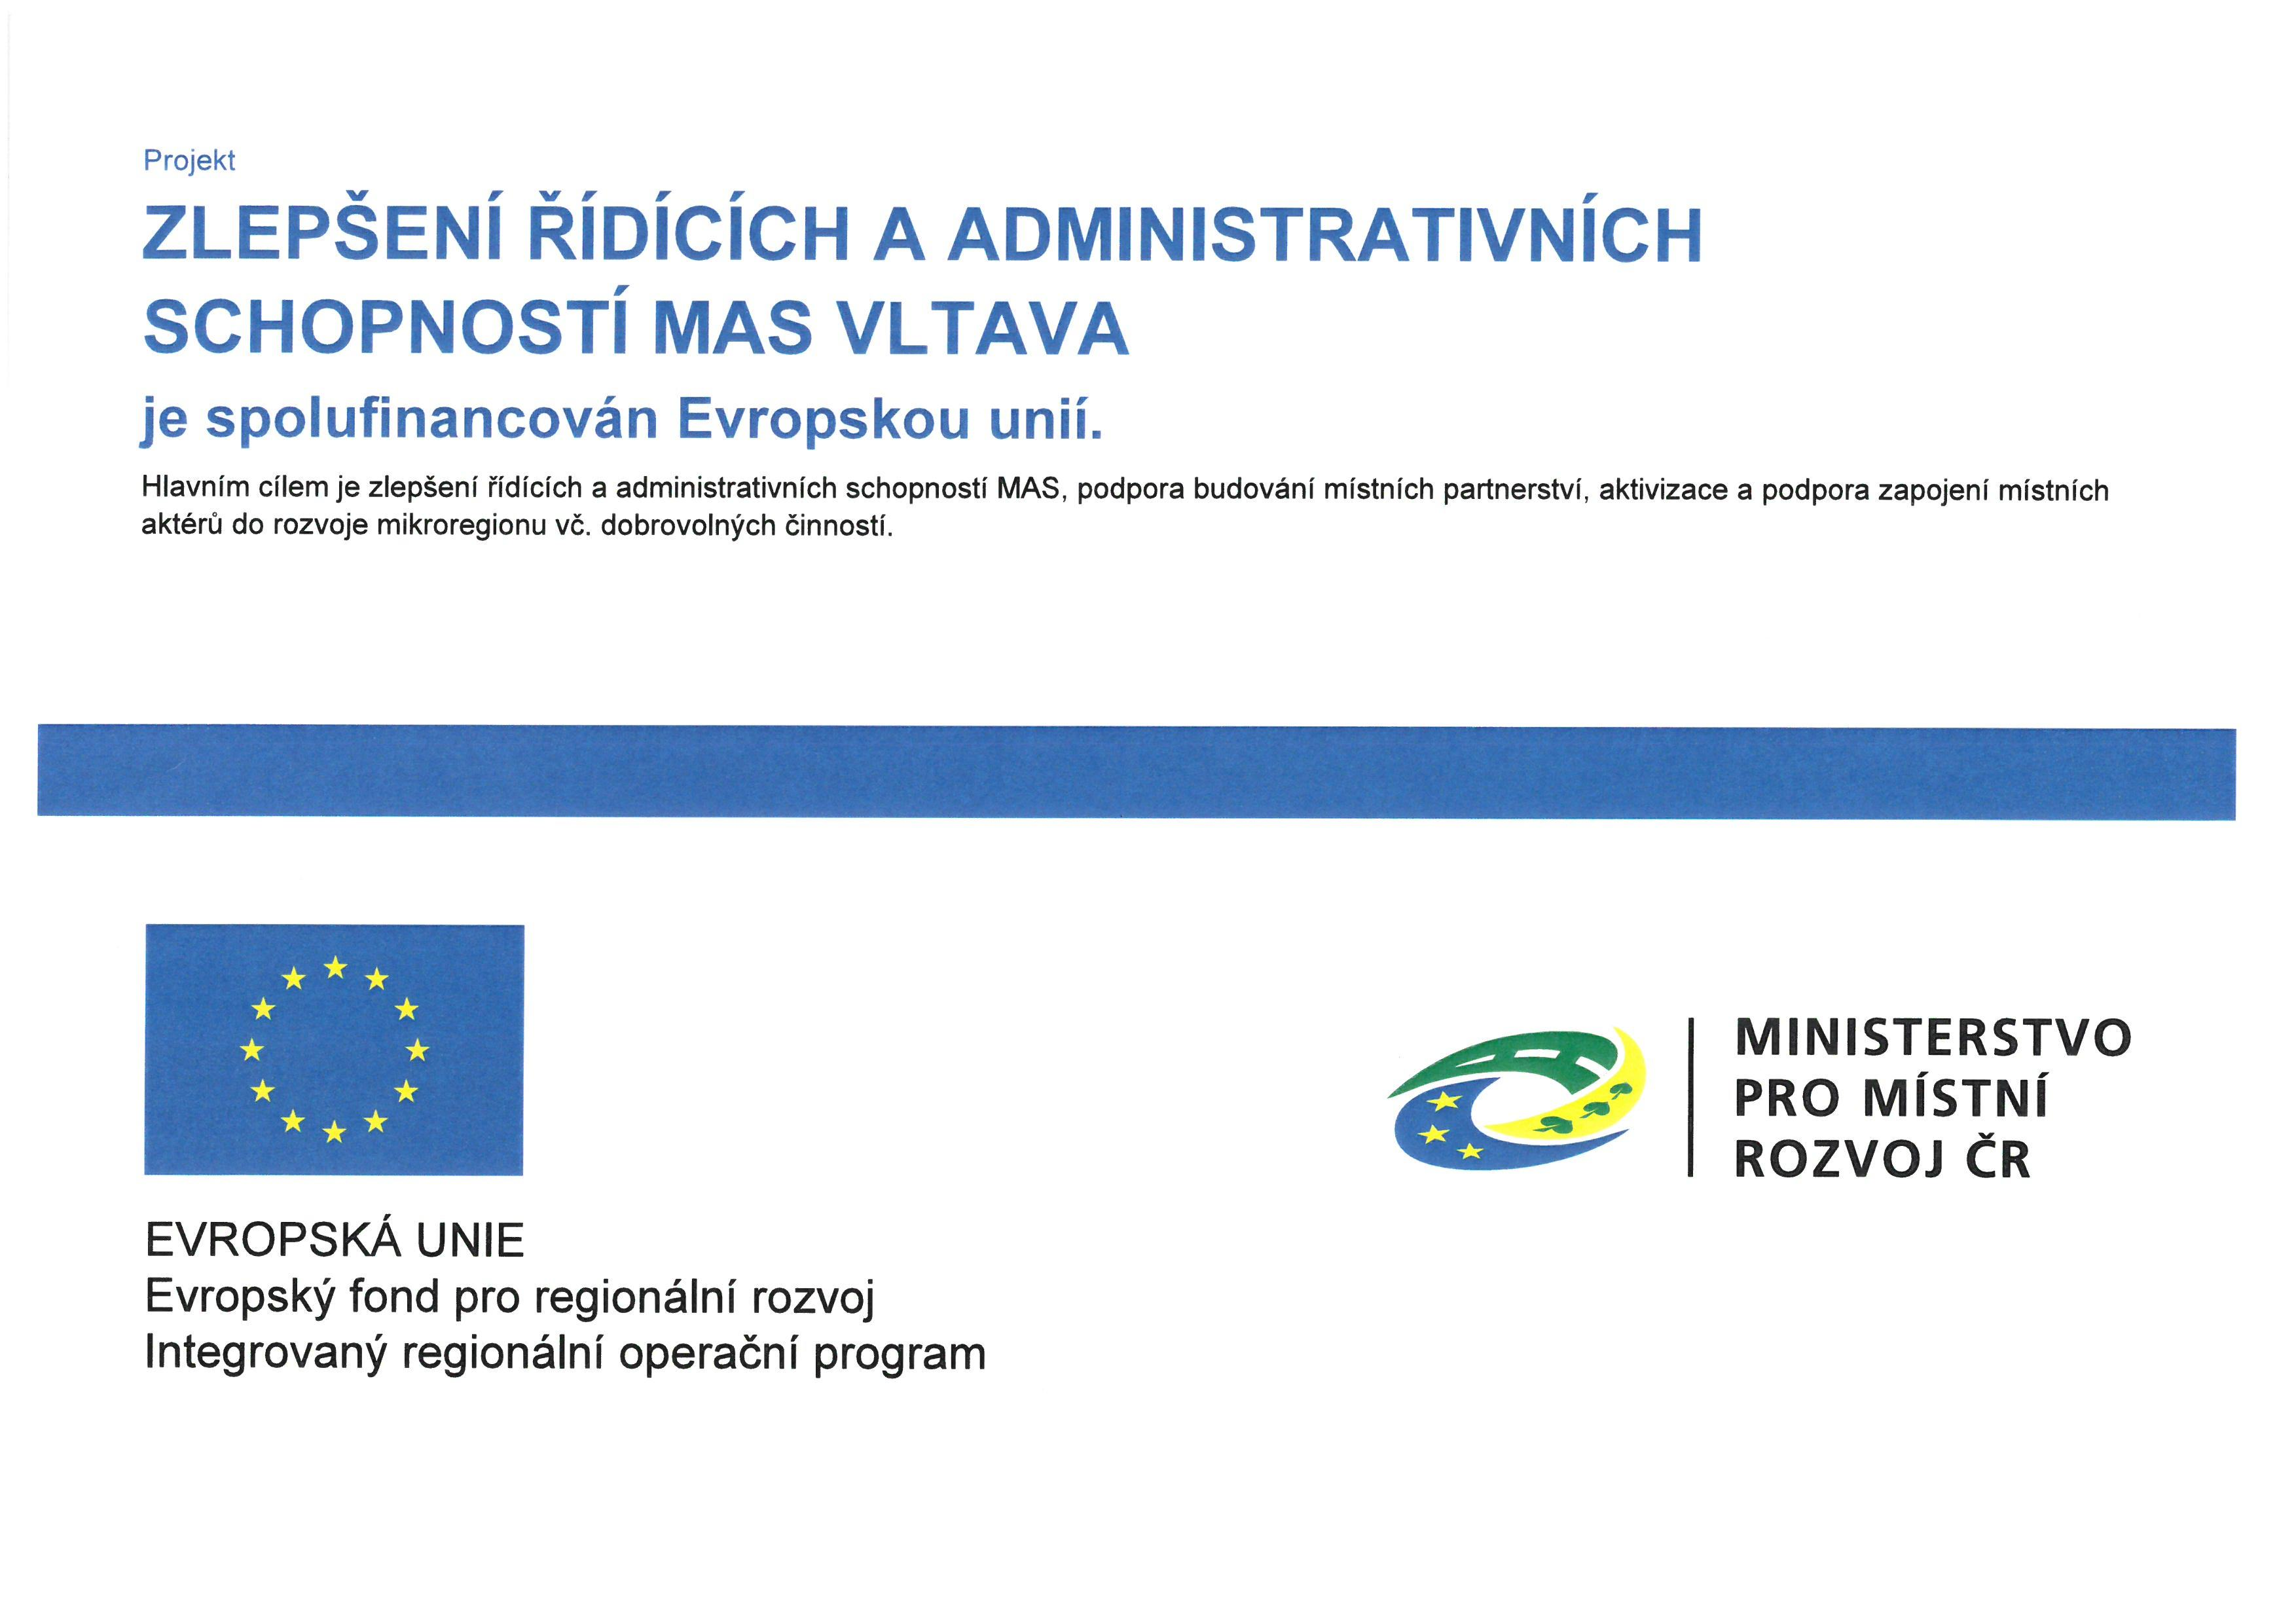 Zlepšení řídících a administrativních schopností MAS Vltava